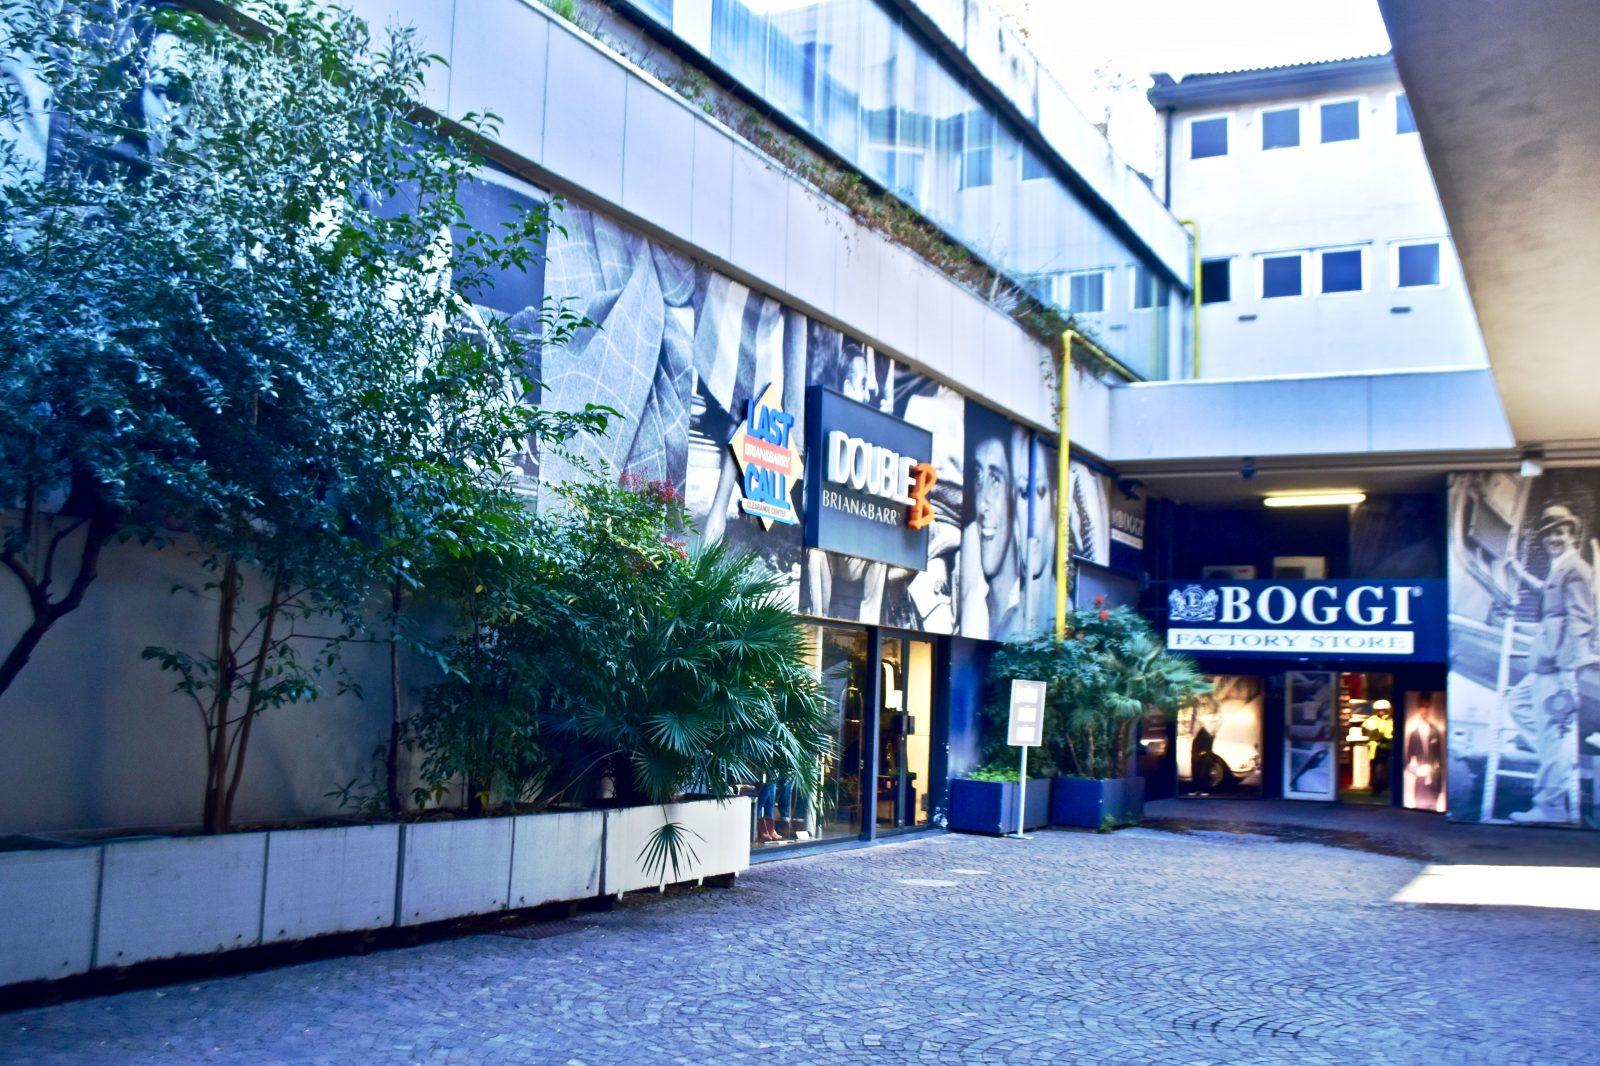 Boggi Factory Store, eleganza maschile a prezzi outlet - Stile Ruvido